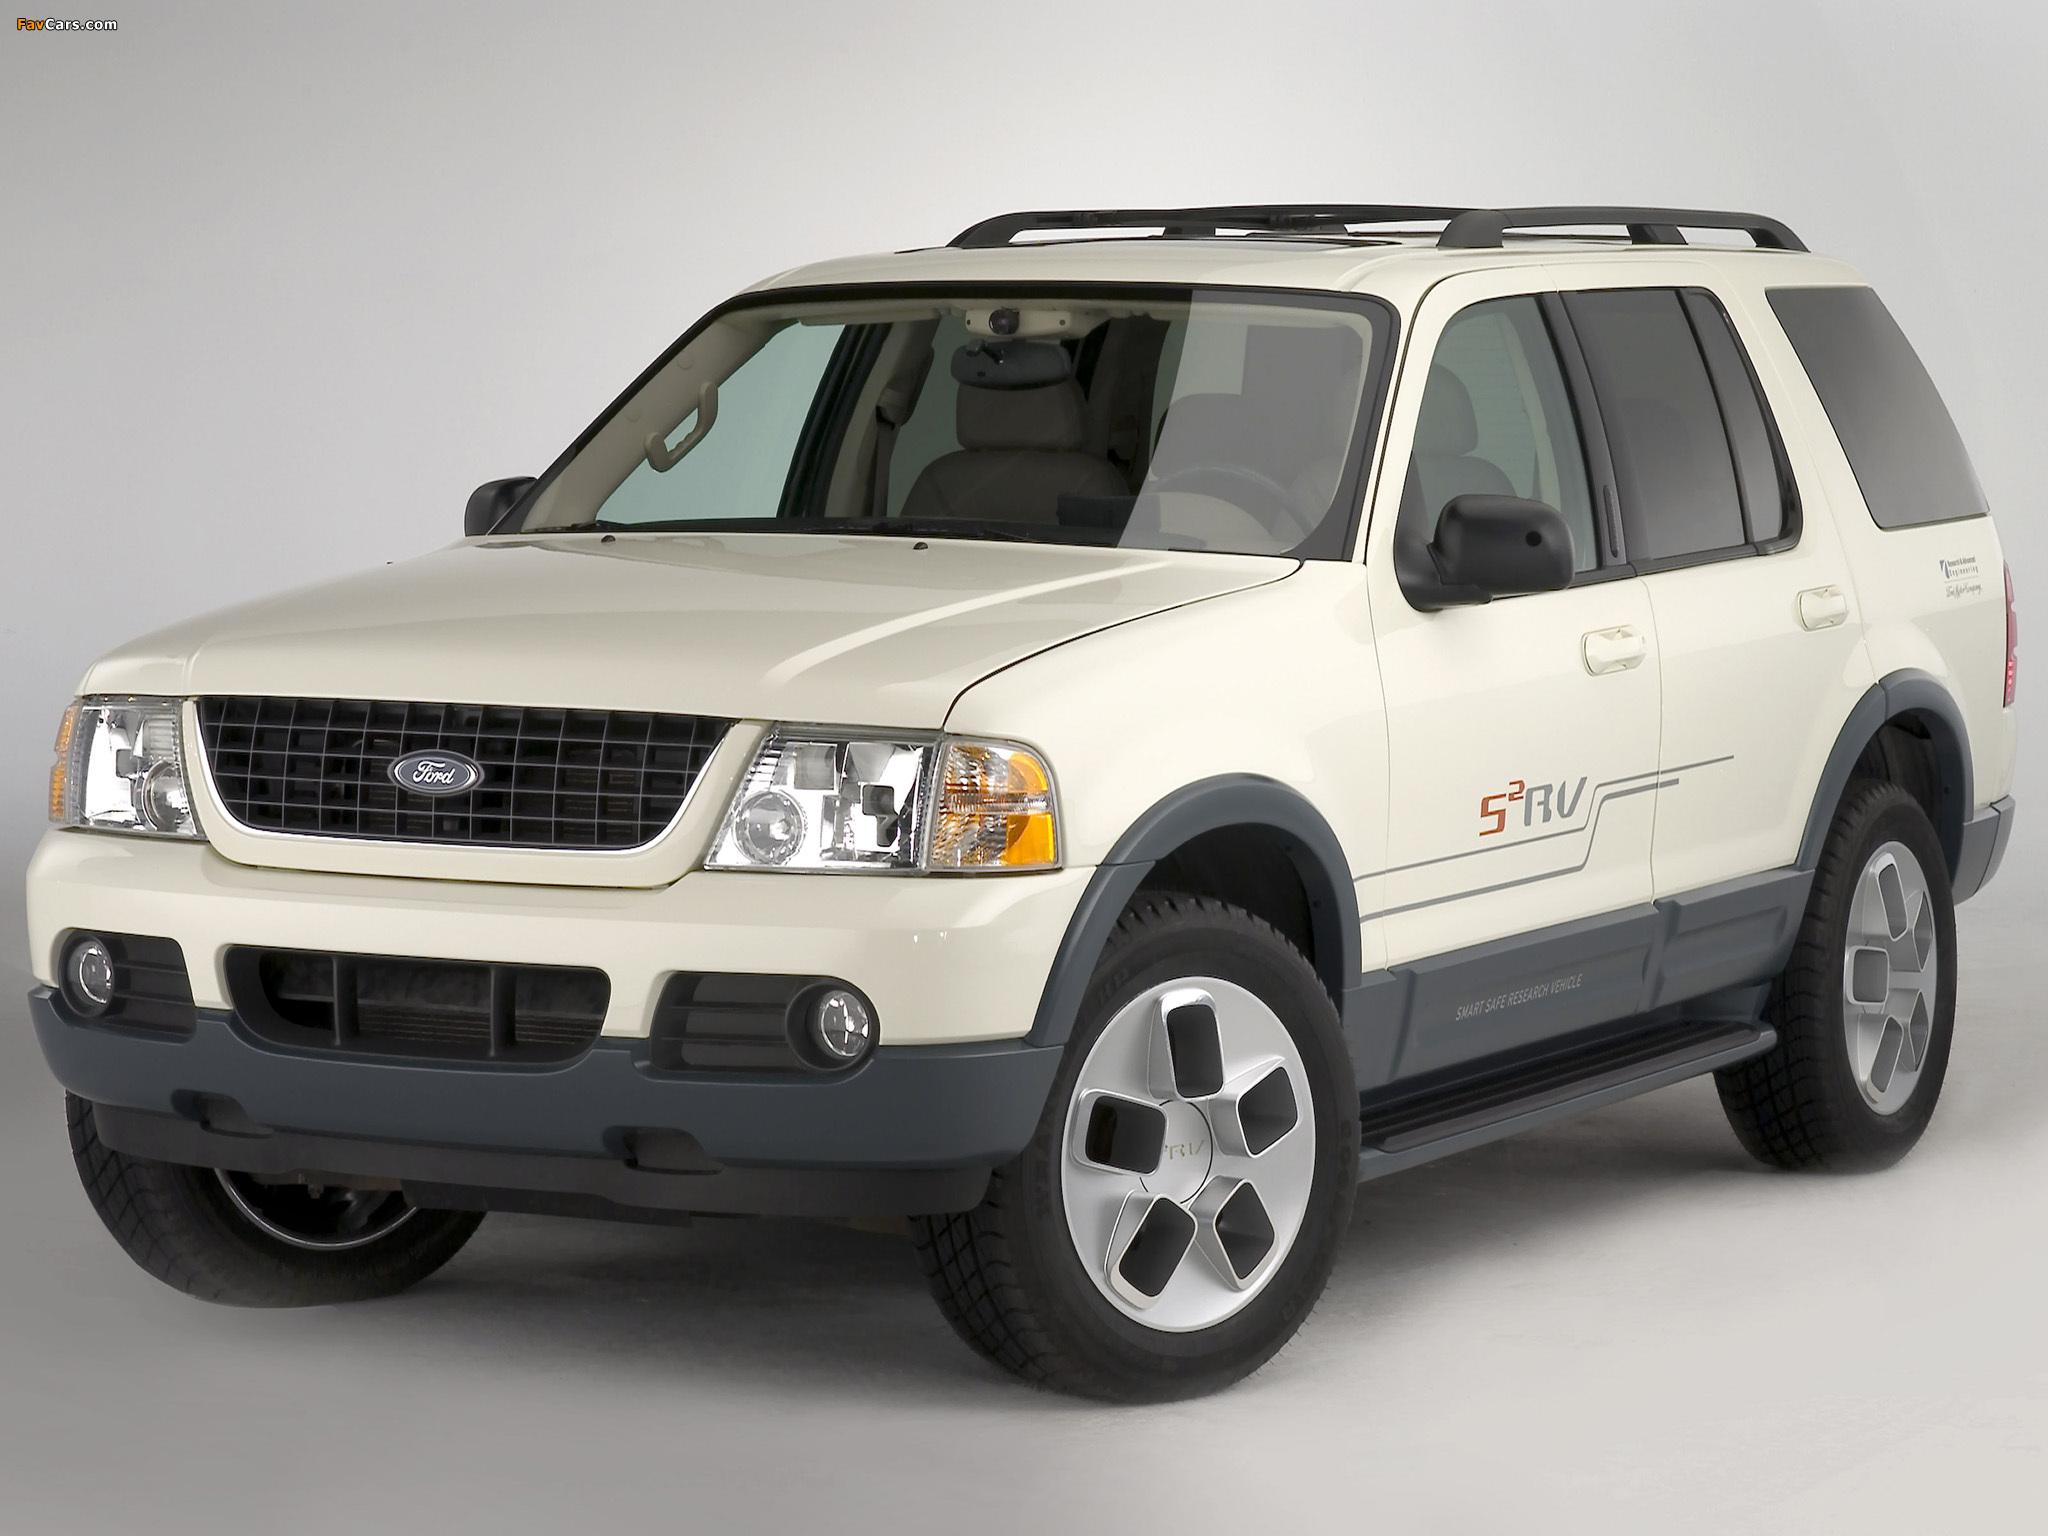 Ford Explorer S2RV Concept 2003 photos (2048 x 1536)